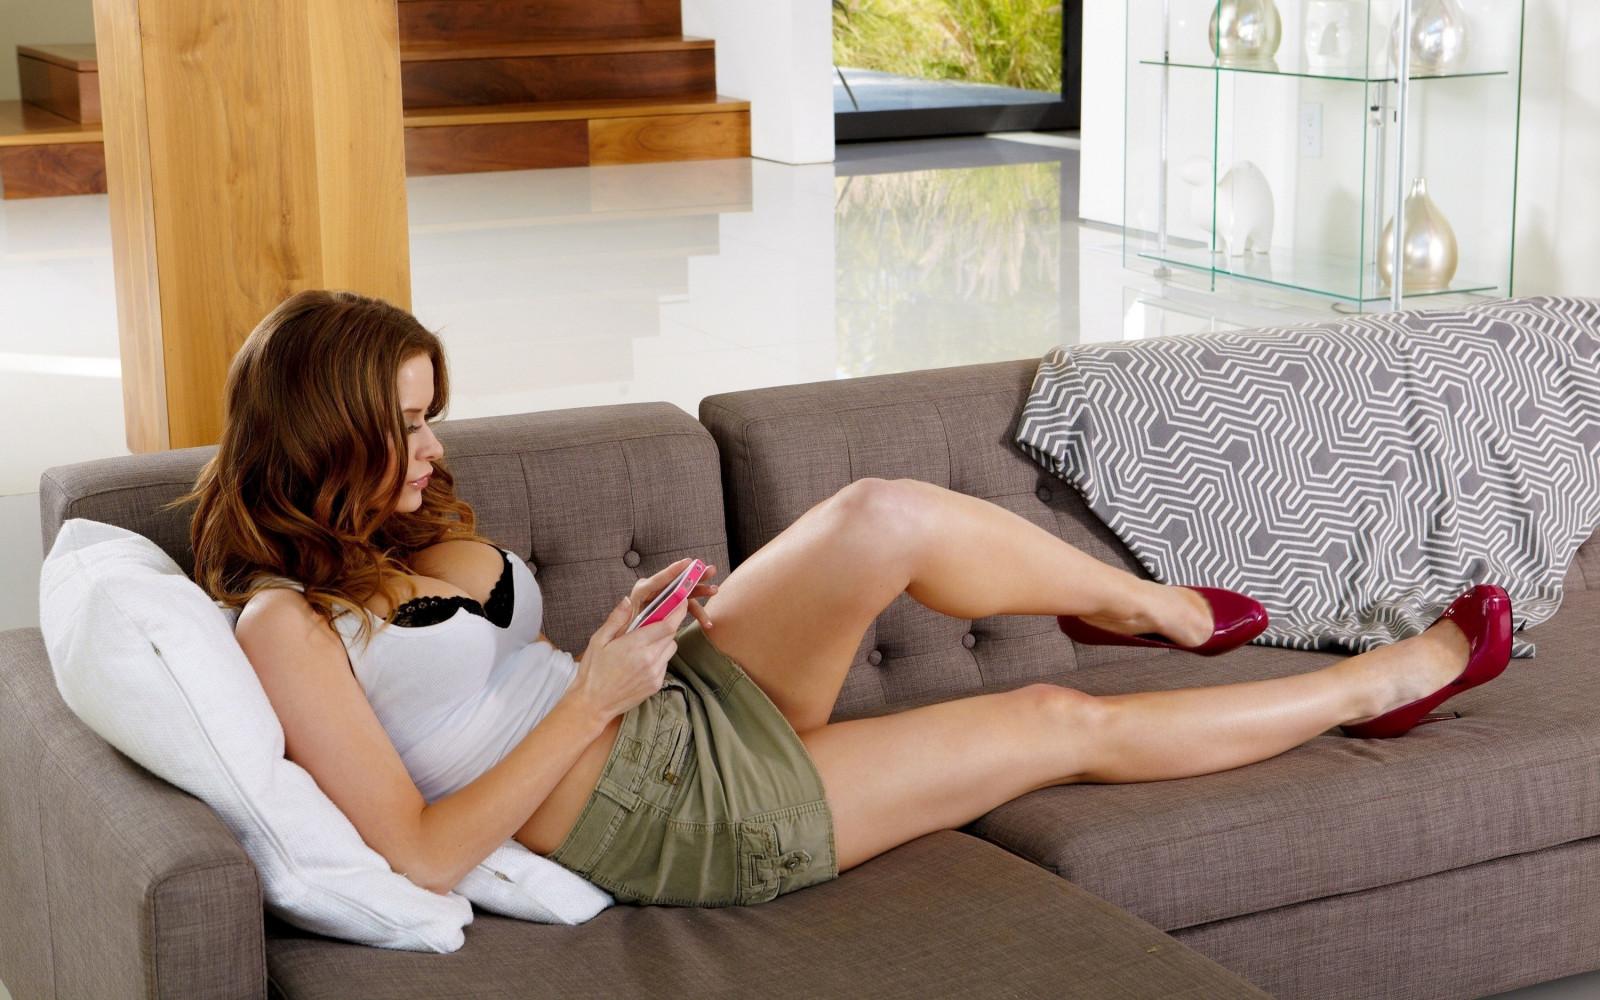 жизнь женщины на диване онлайн кириченко занимается